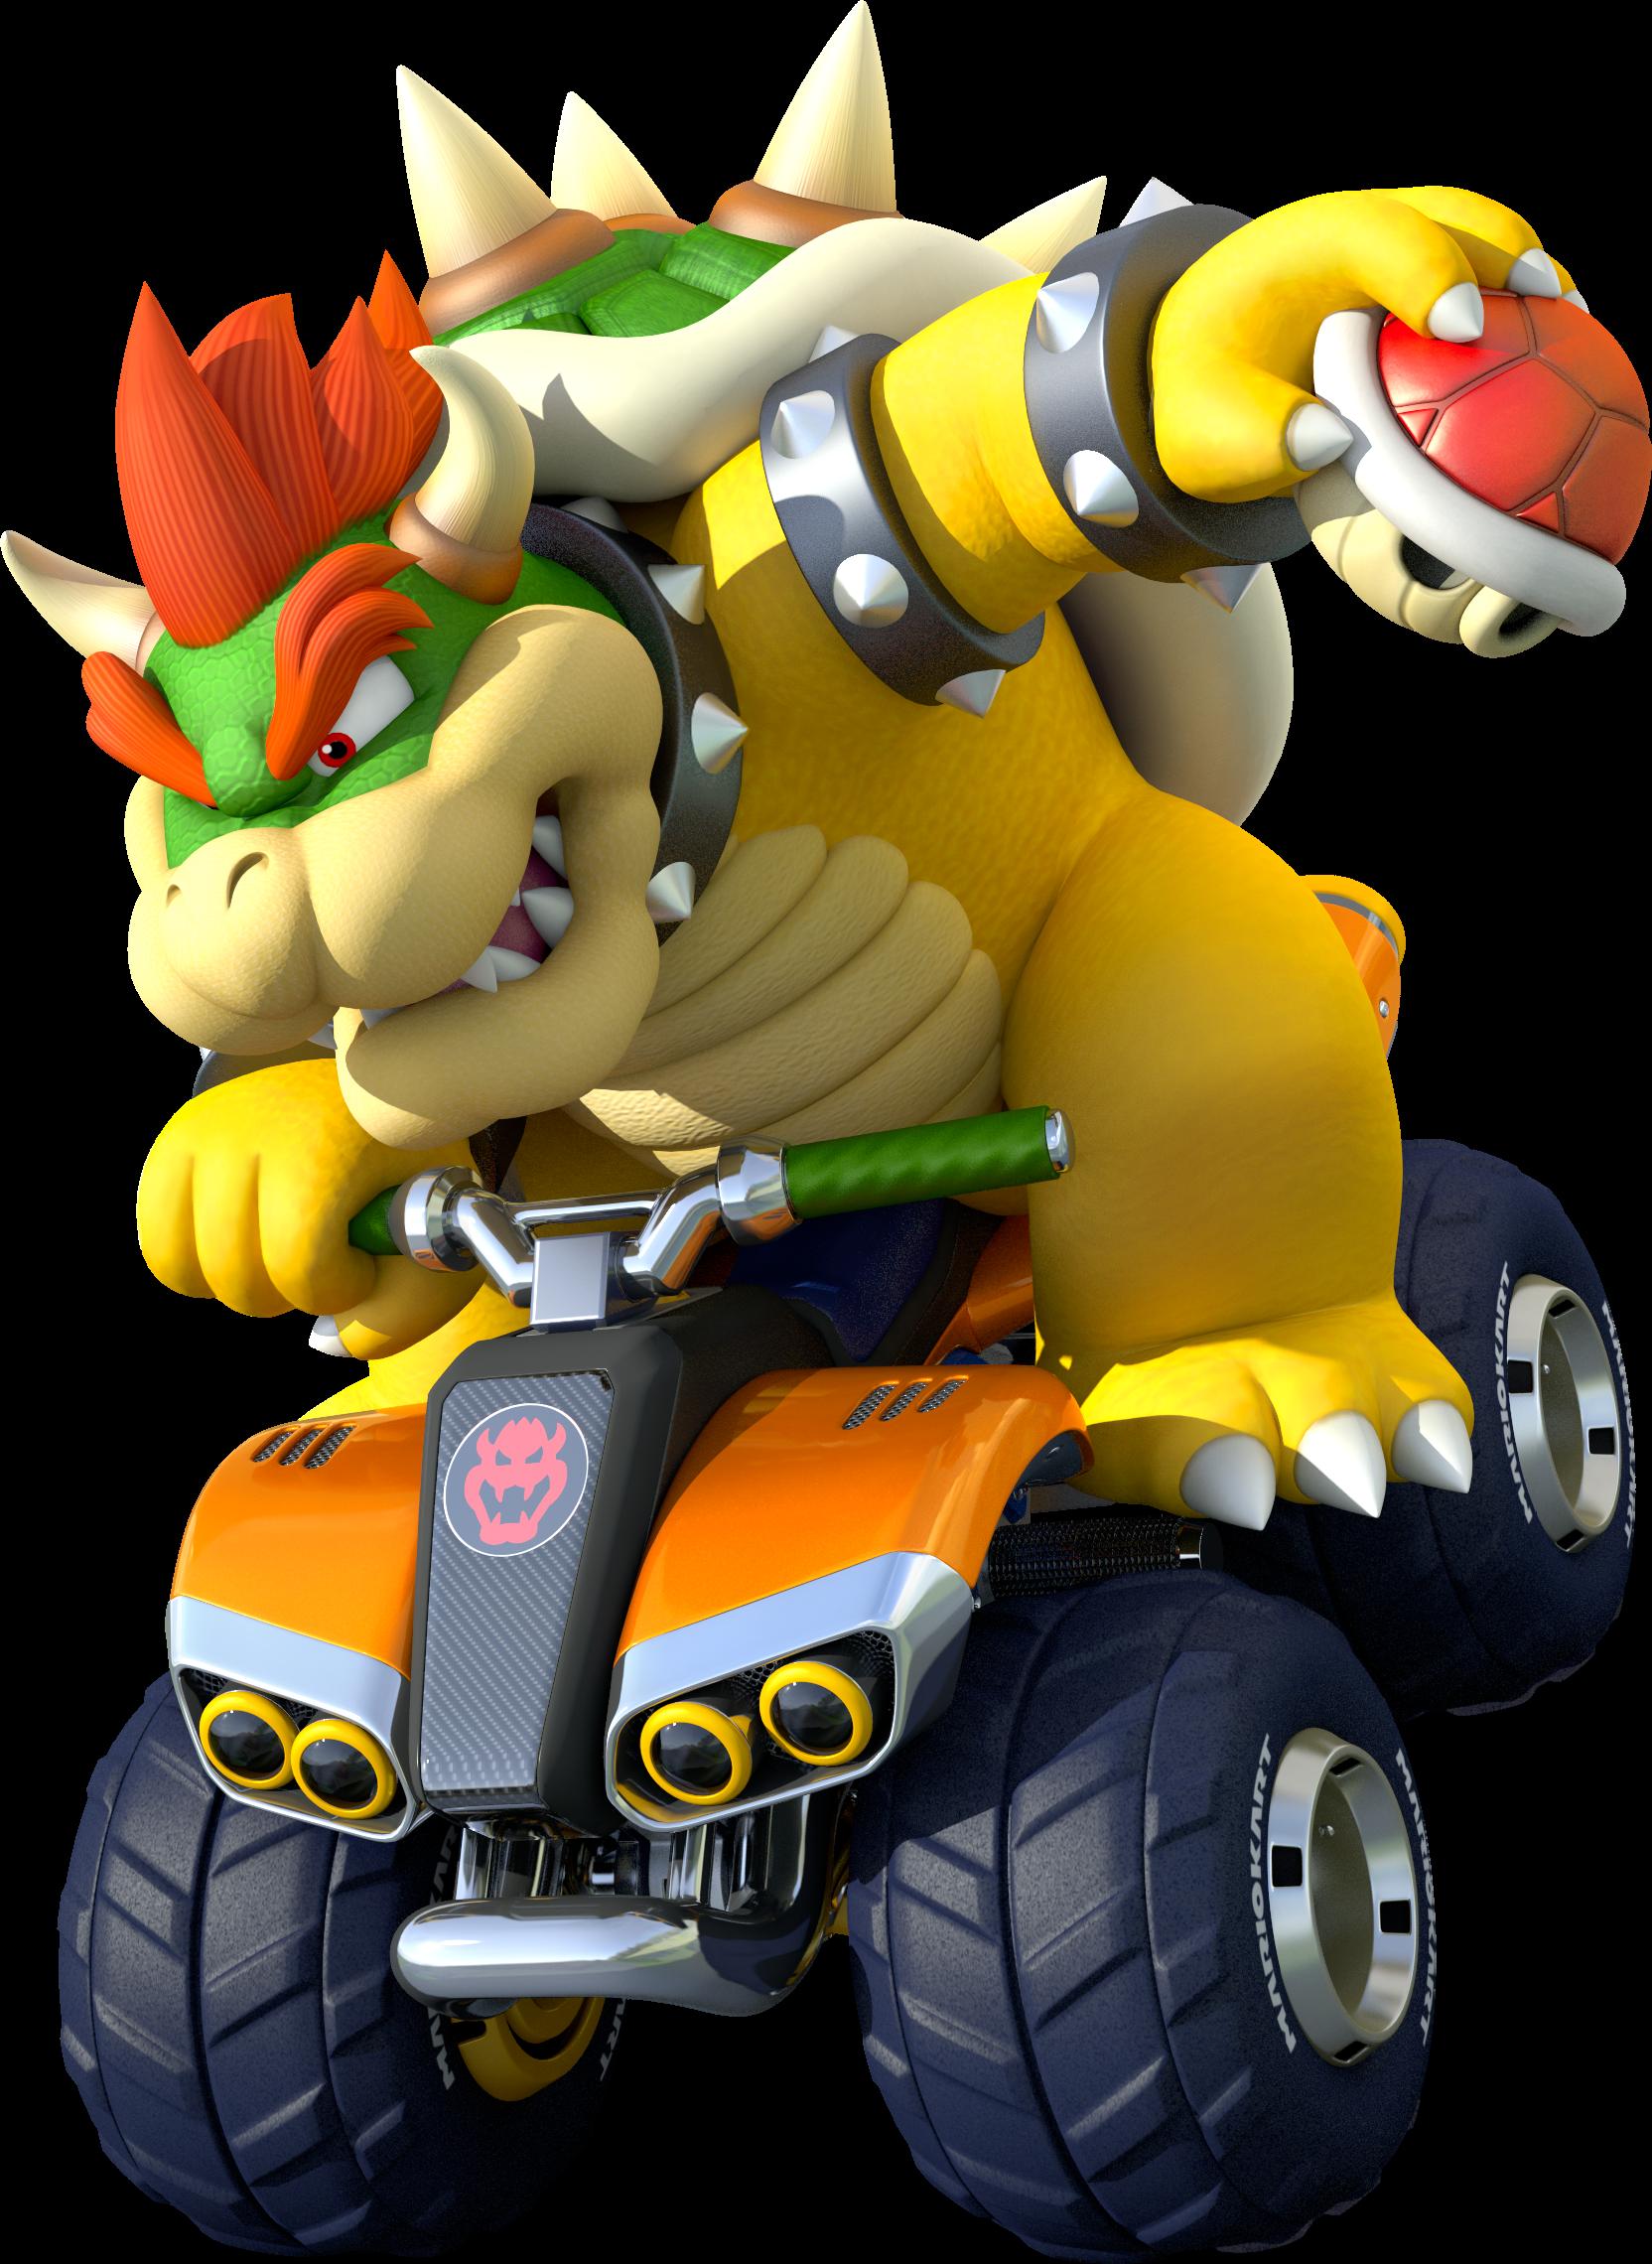 Donkey Kong 8 Bit Beam Buscar Con Google Mario Kart 8 Mario Bros Super Mario Art